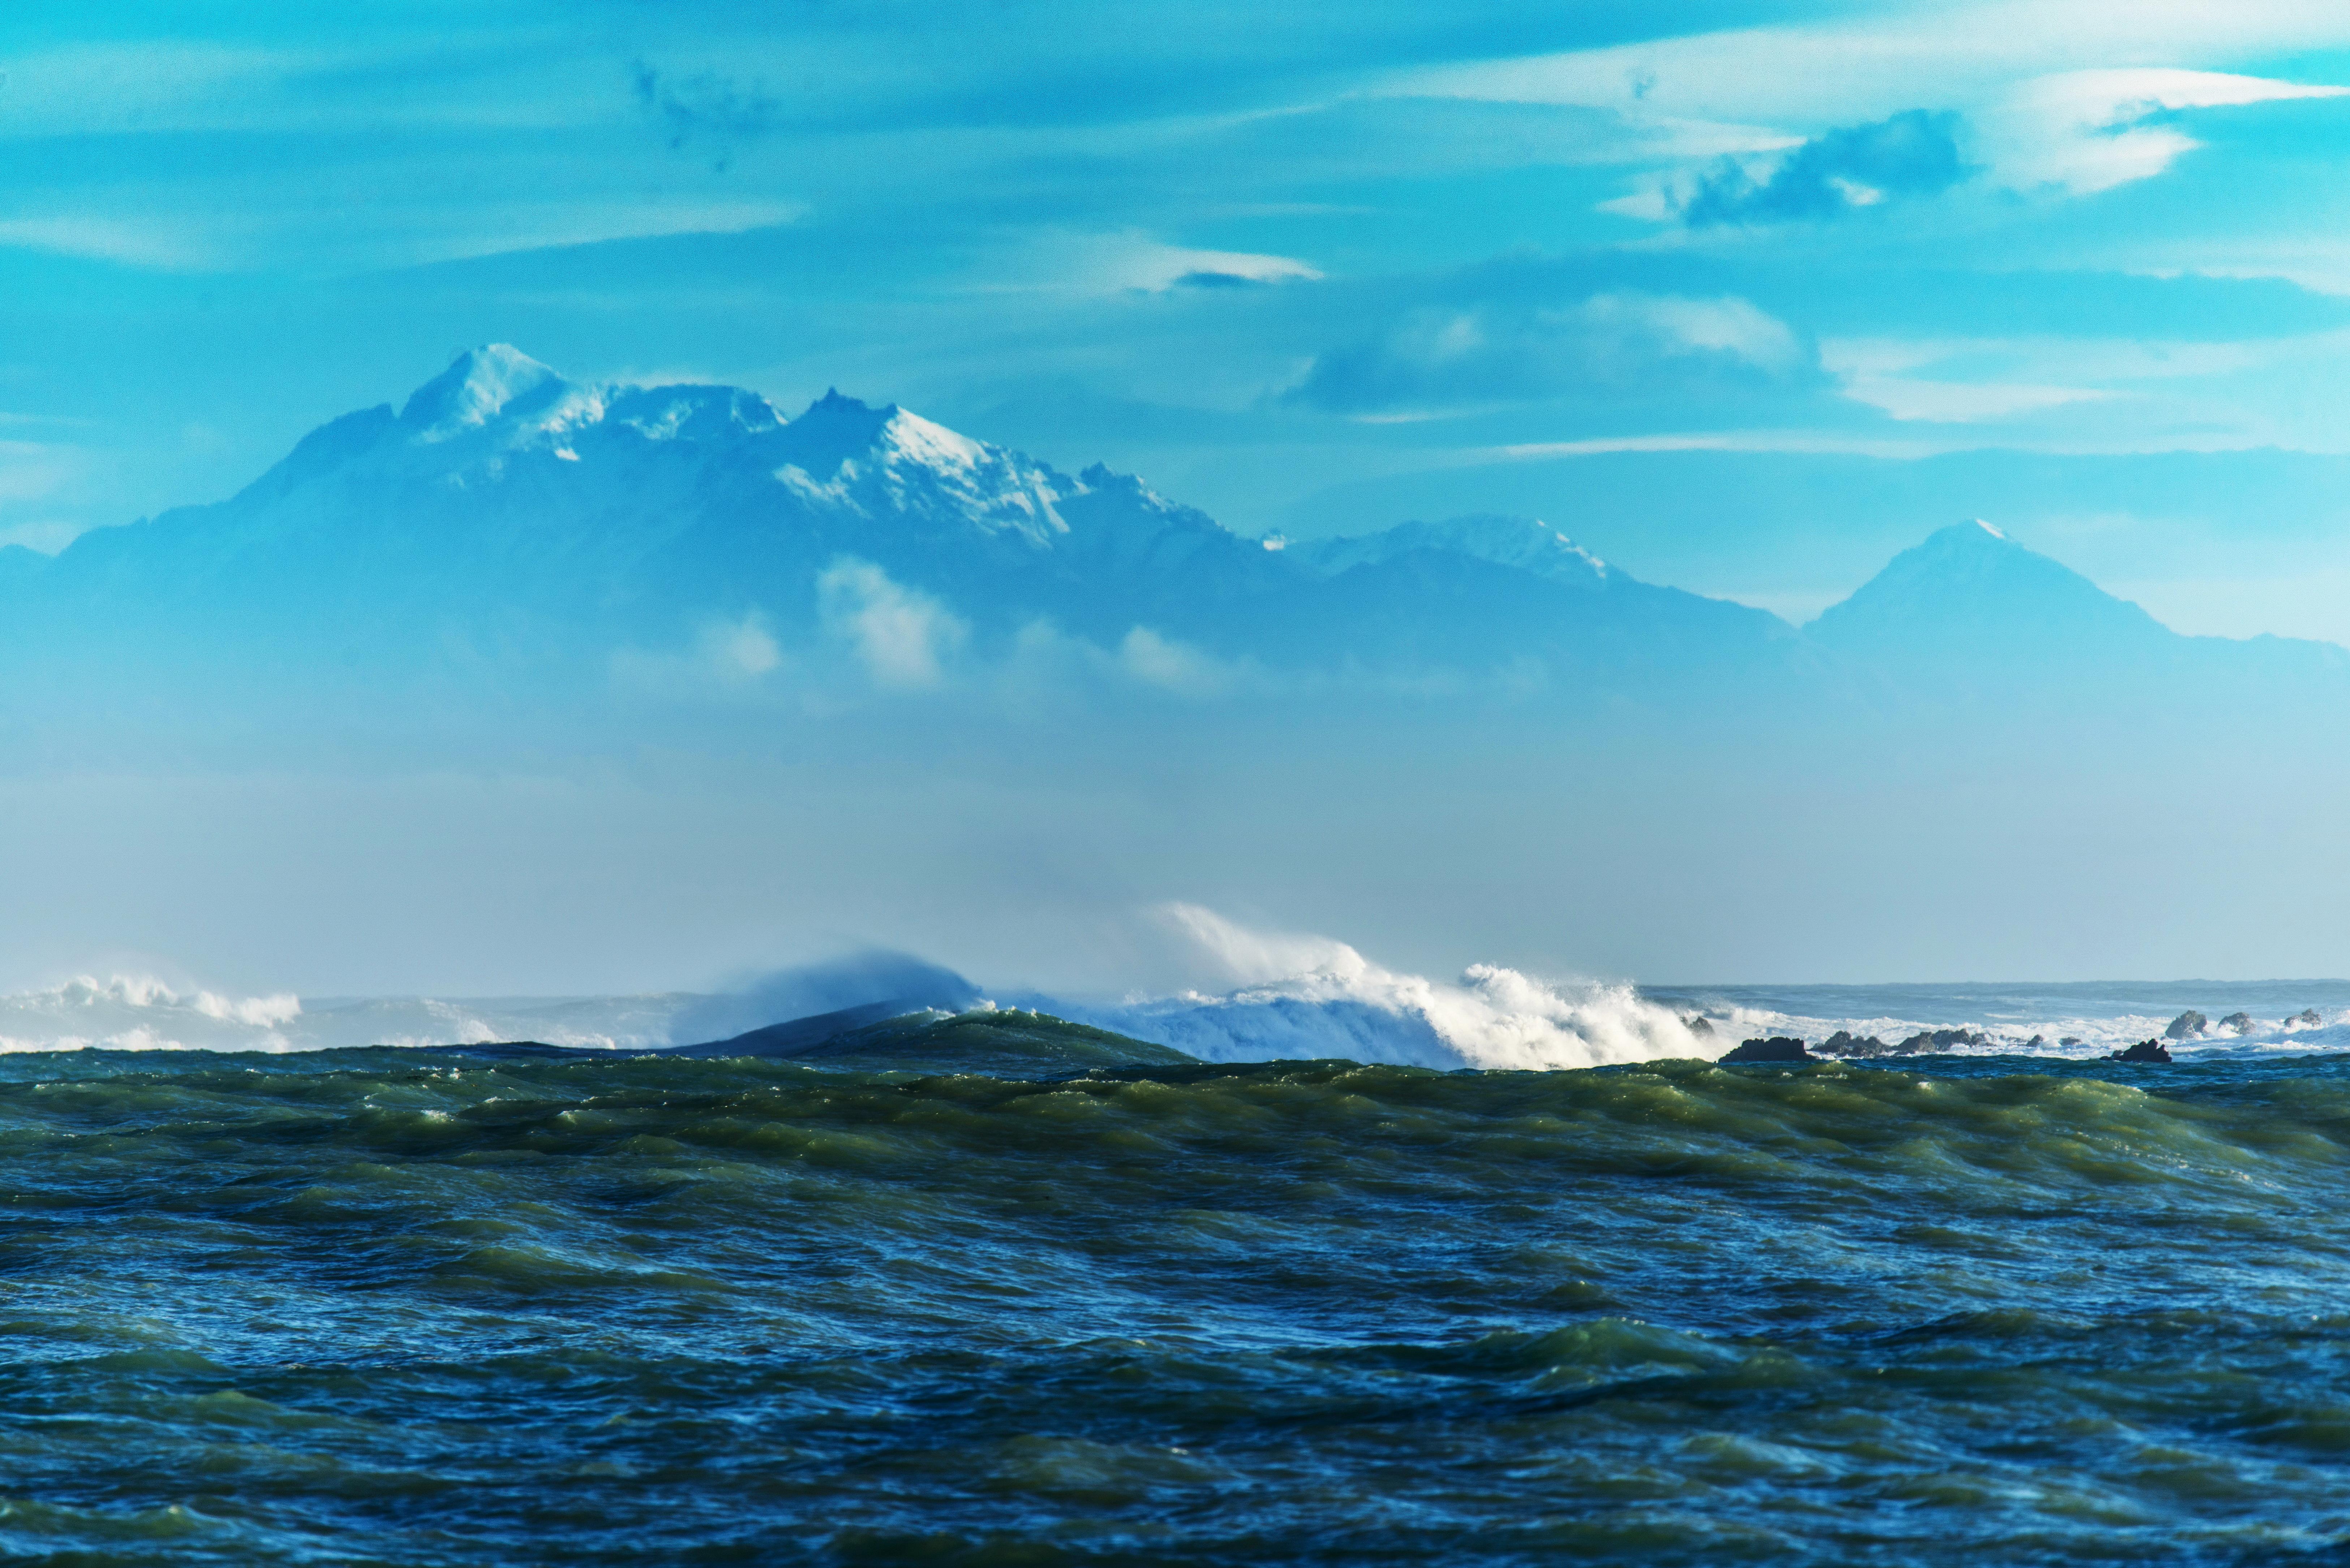 89659 télécharger le fond d'écran Nature, Mer, Noyaux, Récifs, Montagnes, Ondulations - économiseurs d'écran et images gratuitement